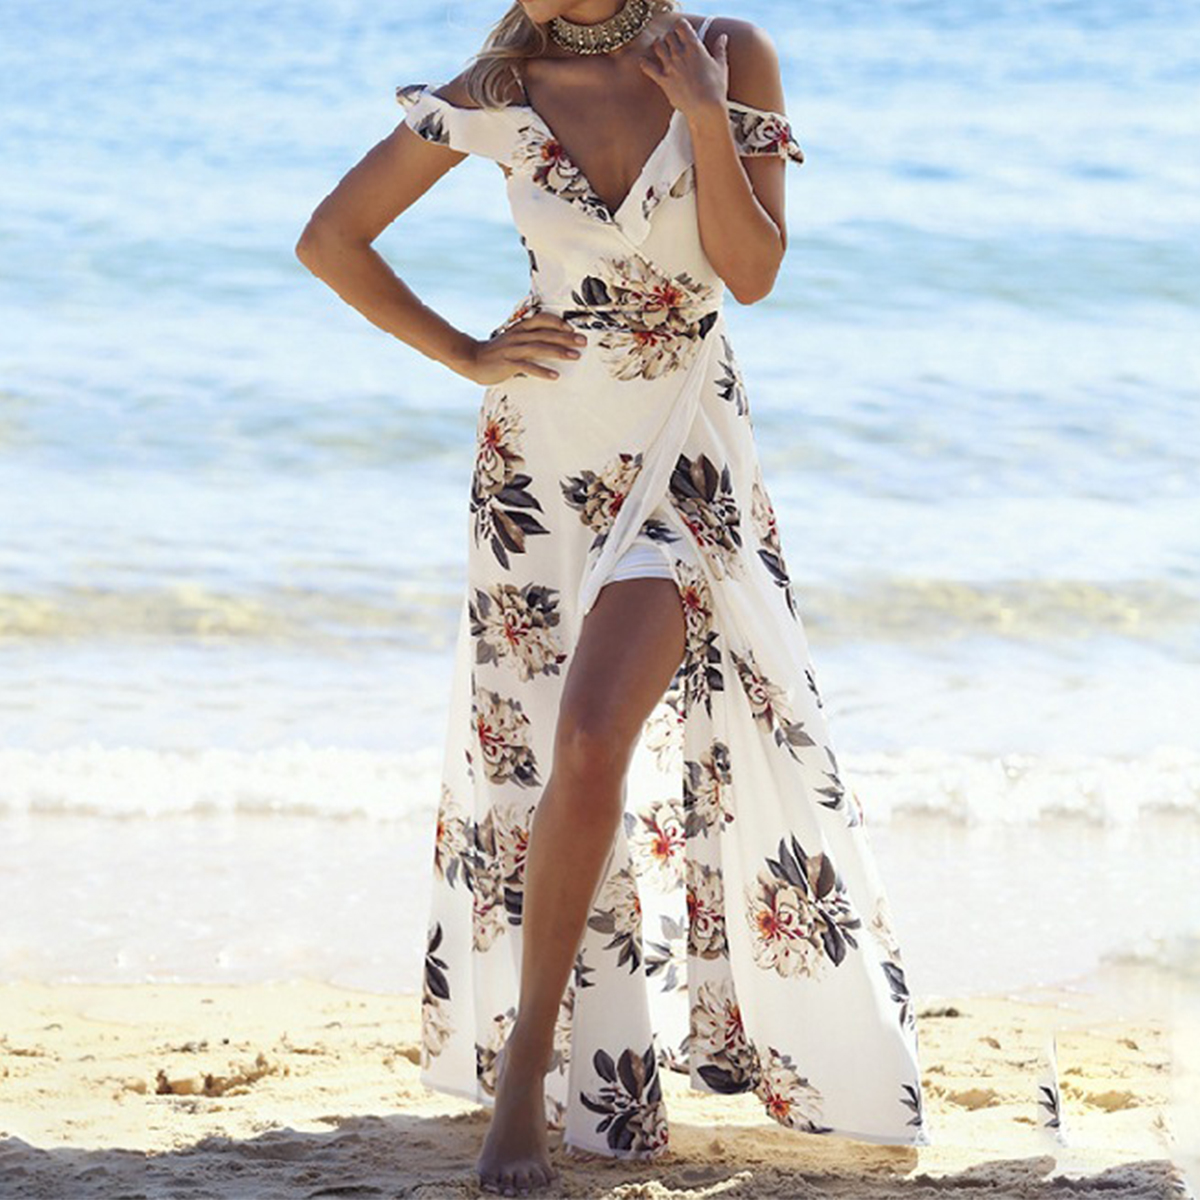 New Backless Tie Up Ruffles Print Long Summer Dress Strap V Neck High Split Maxi Dress Sexy Summer Beach Chiffon Dress Vestidos